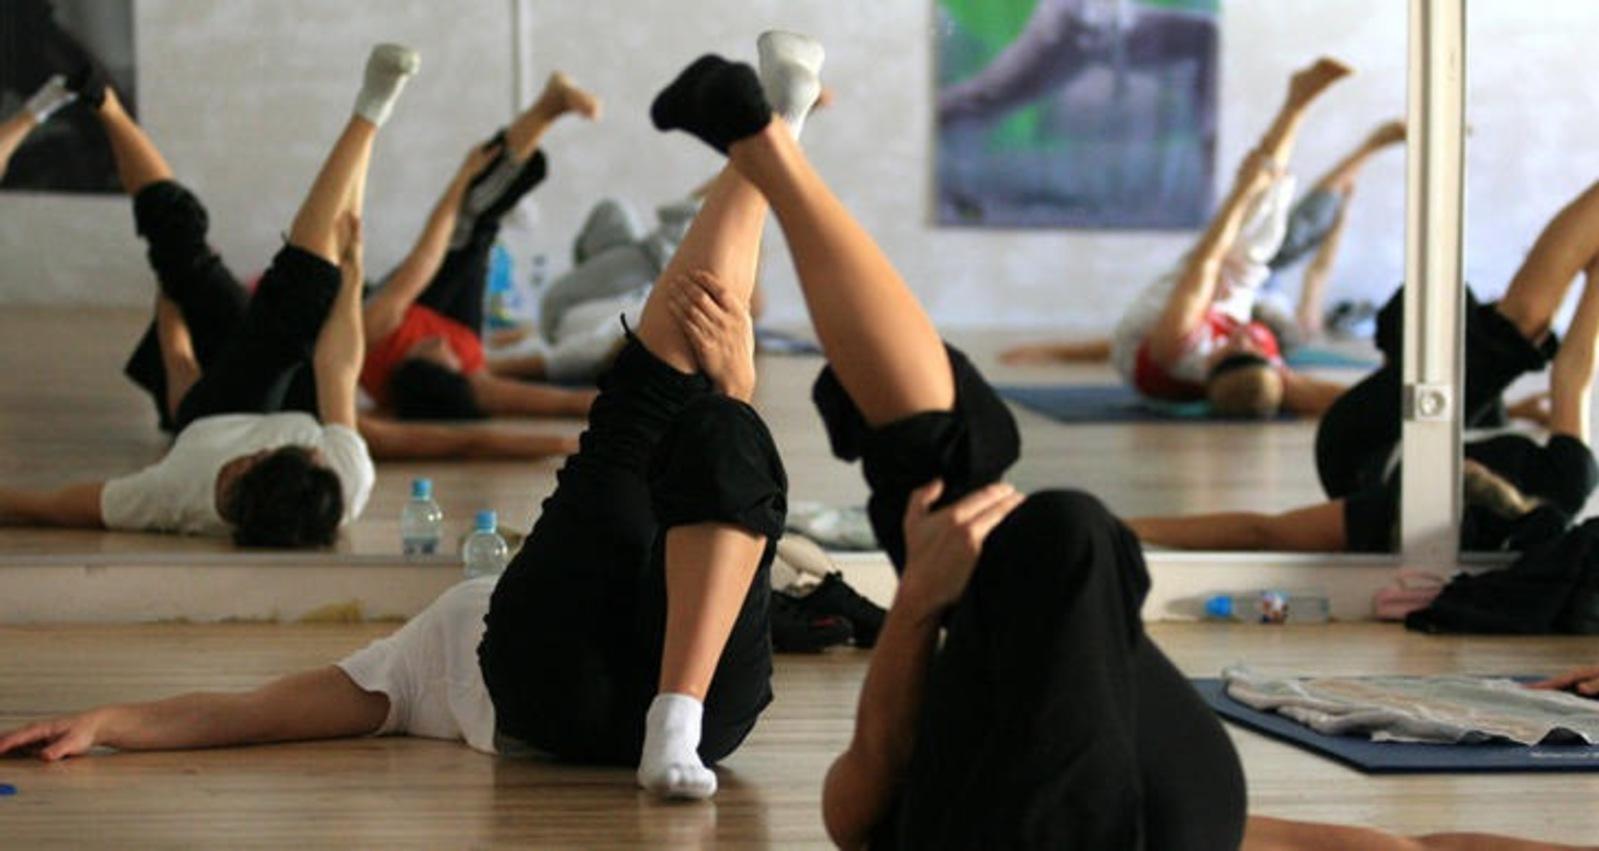 Gym d'entretien - Association WELL - Centre d'Education du Mouvement - La gymnastique douce autrement - dynamique-fluidité-force-détente-bien-être